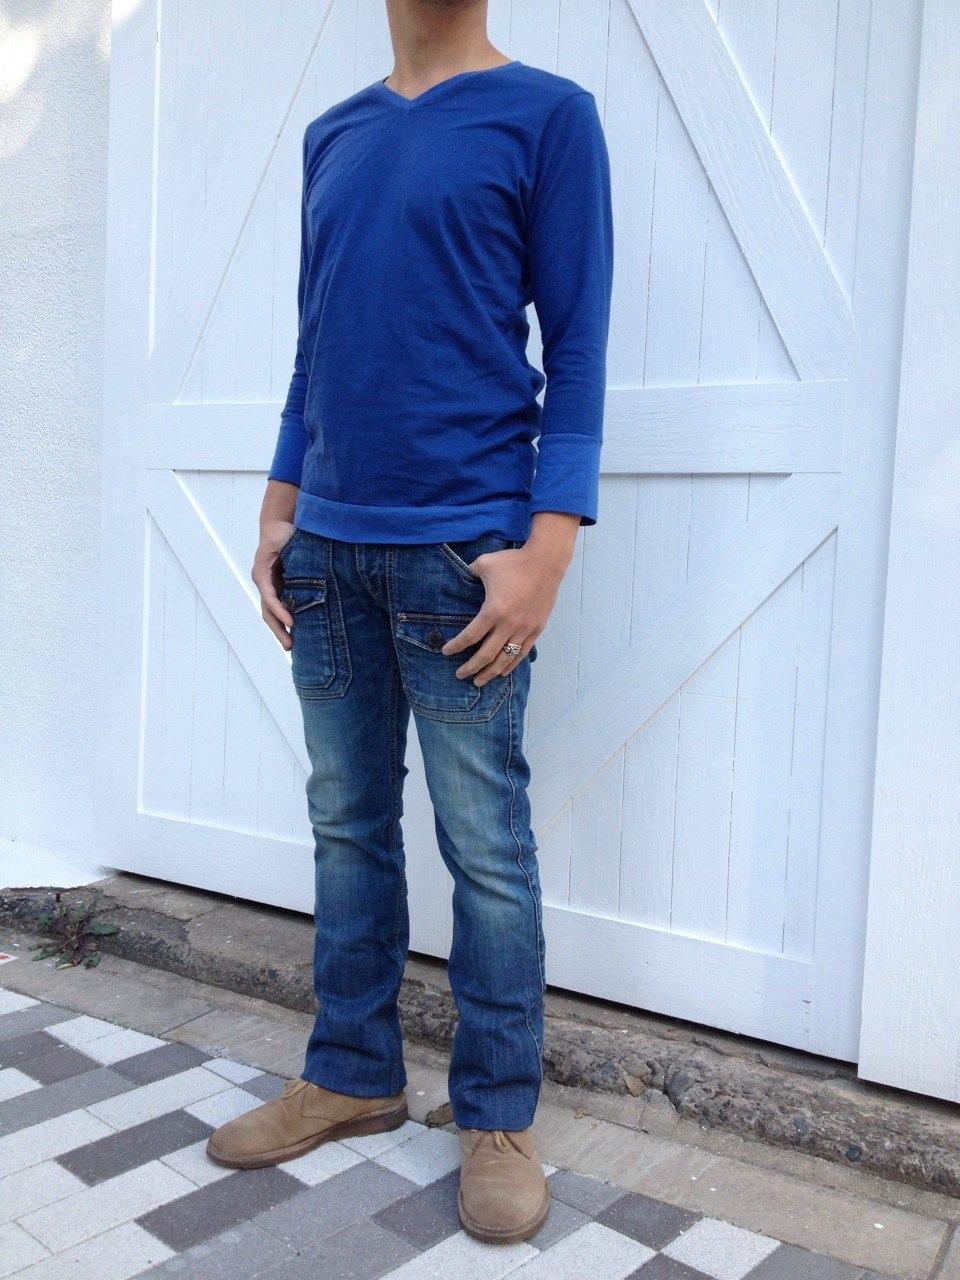 パワーストーン ラピスラズリで染めた七分袖Tシャツ☆_d0108933_18356100.jpg